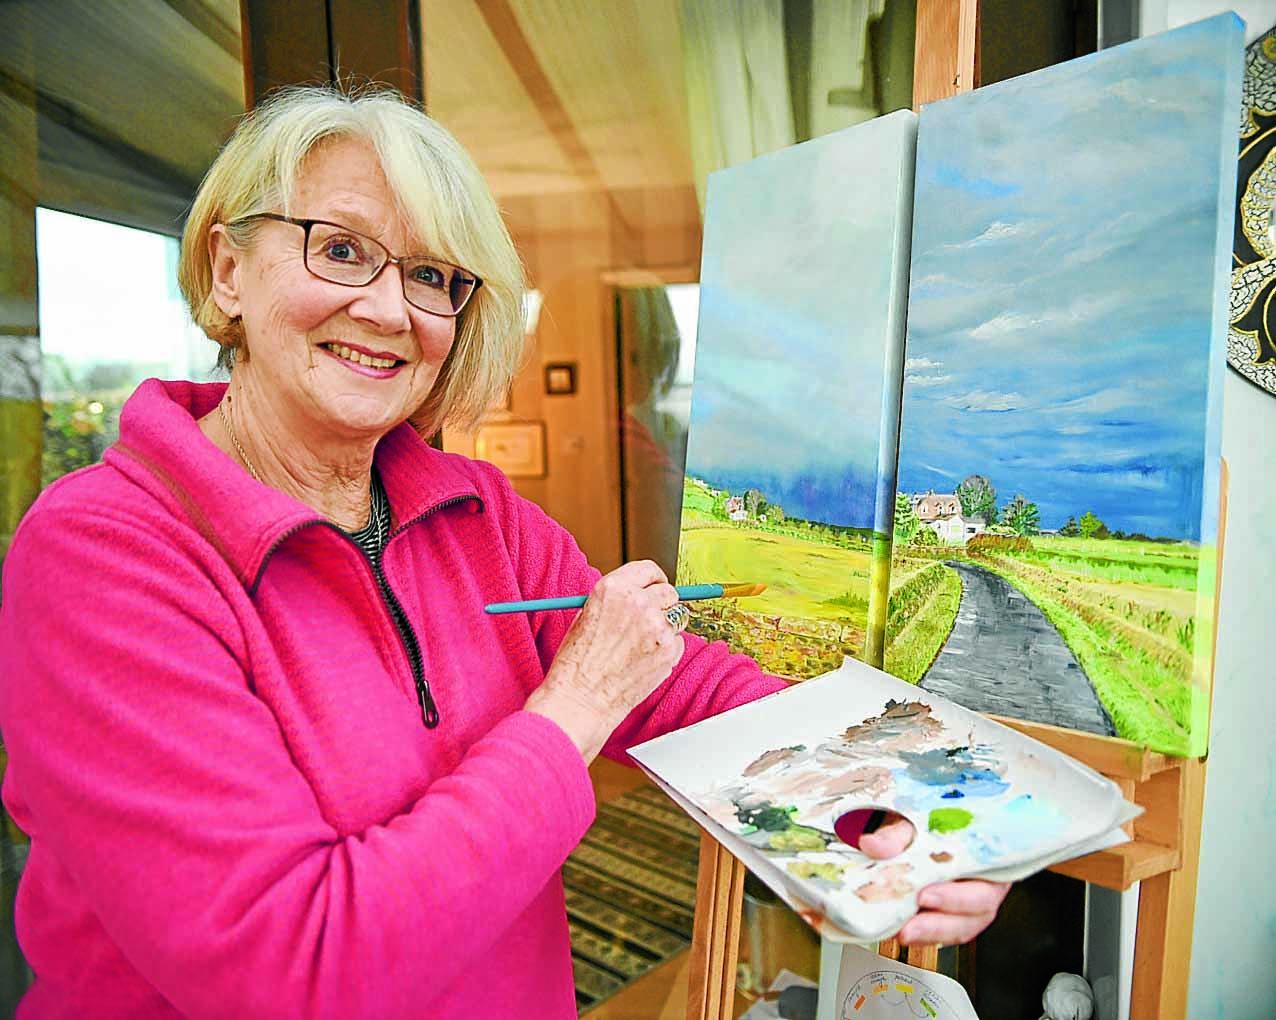 Ilse reveals her hidden artistic talents